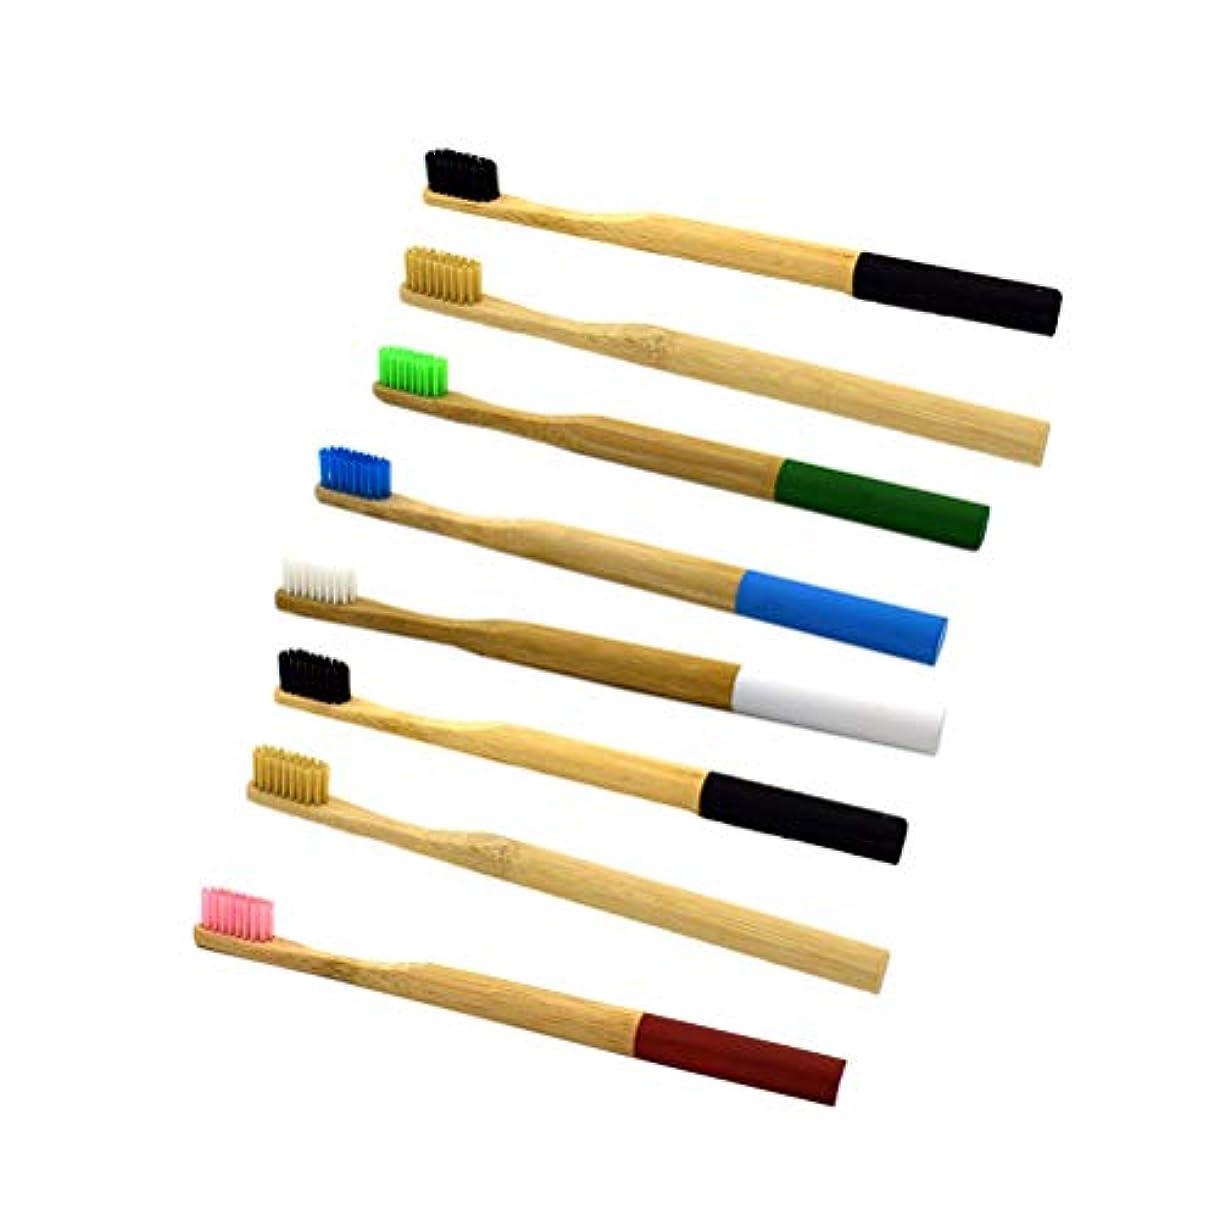 保全カーペット自由Healifty 柔らかい環境に優しい歯ブラシ8本の天然竹製の歯ブラシ柔らかいエコフレンドリーなラウンドハンドルの歯ブラシと柔らかいナイロン剛毛(混合色)